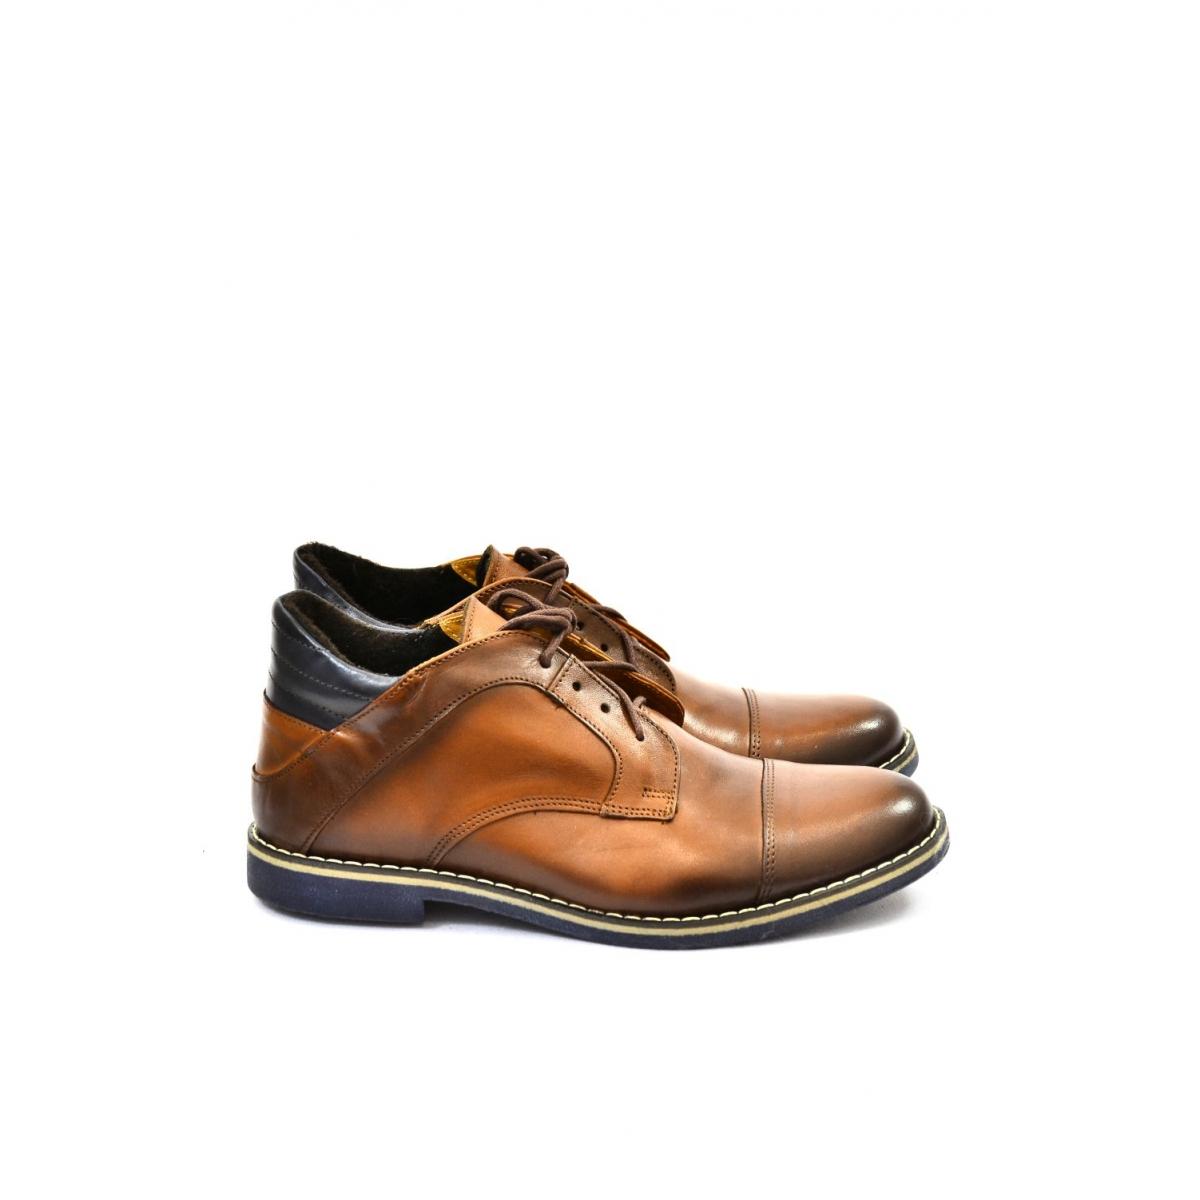 45ec3864e2 Pánske hnedé kožené zimné topánky VINNY - 2